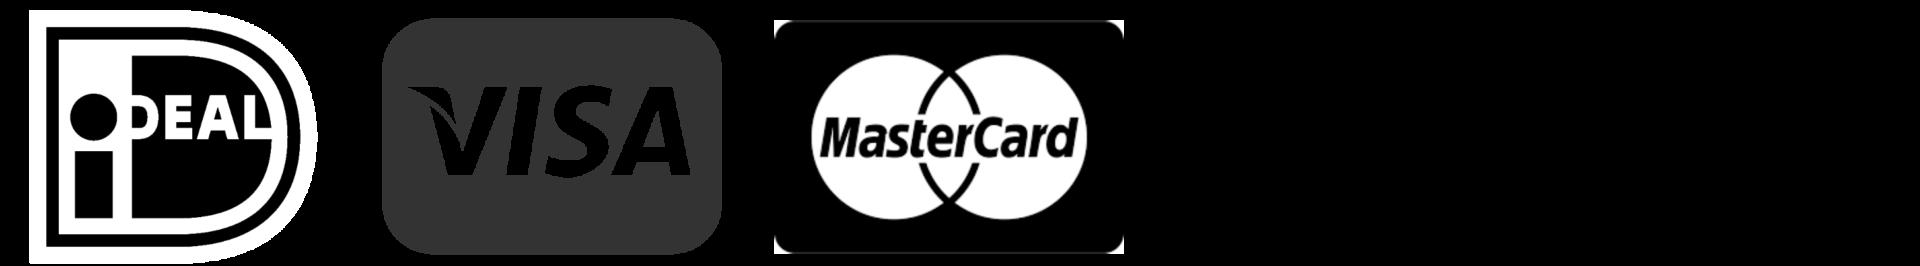 Betaalmogelijkheden: iDeal, VISA, Mastercard, American Express, Bankoverschrijving